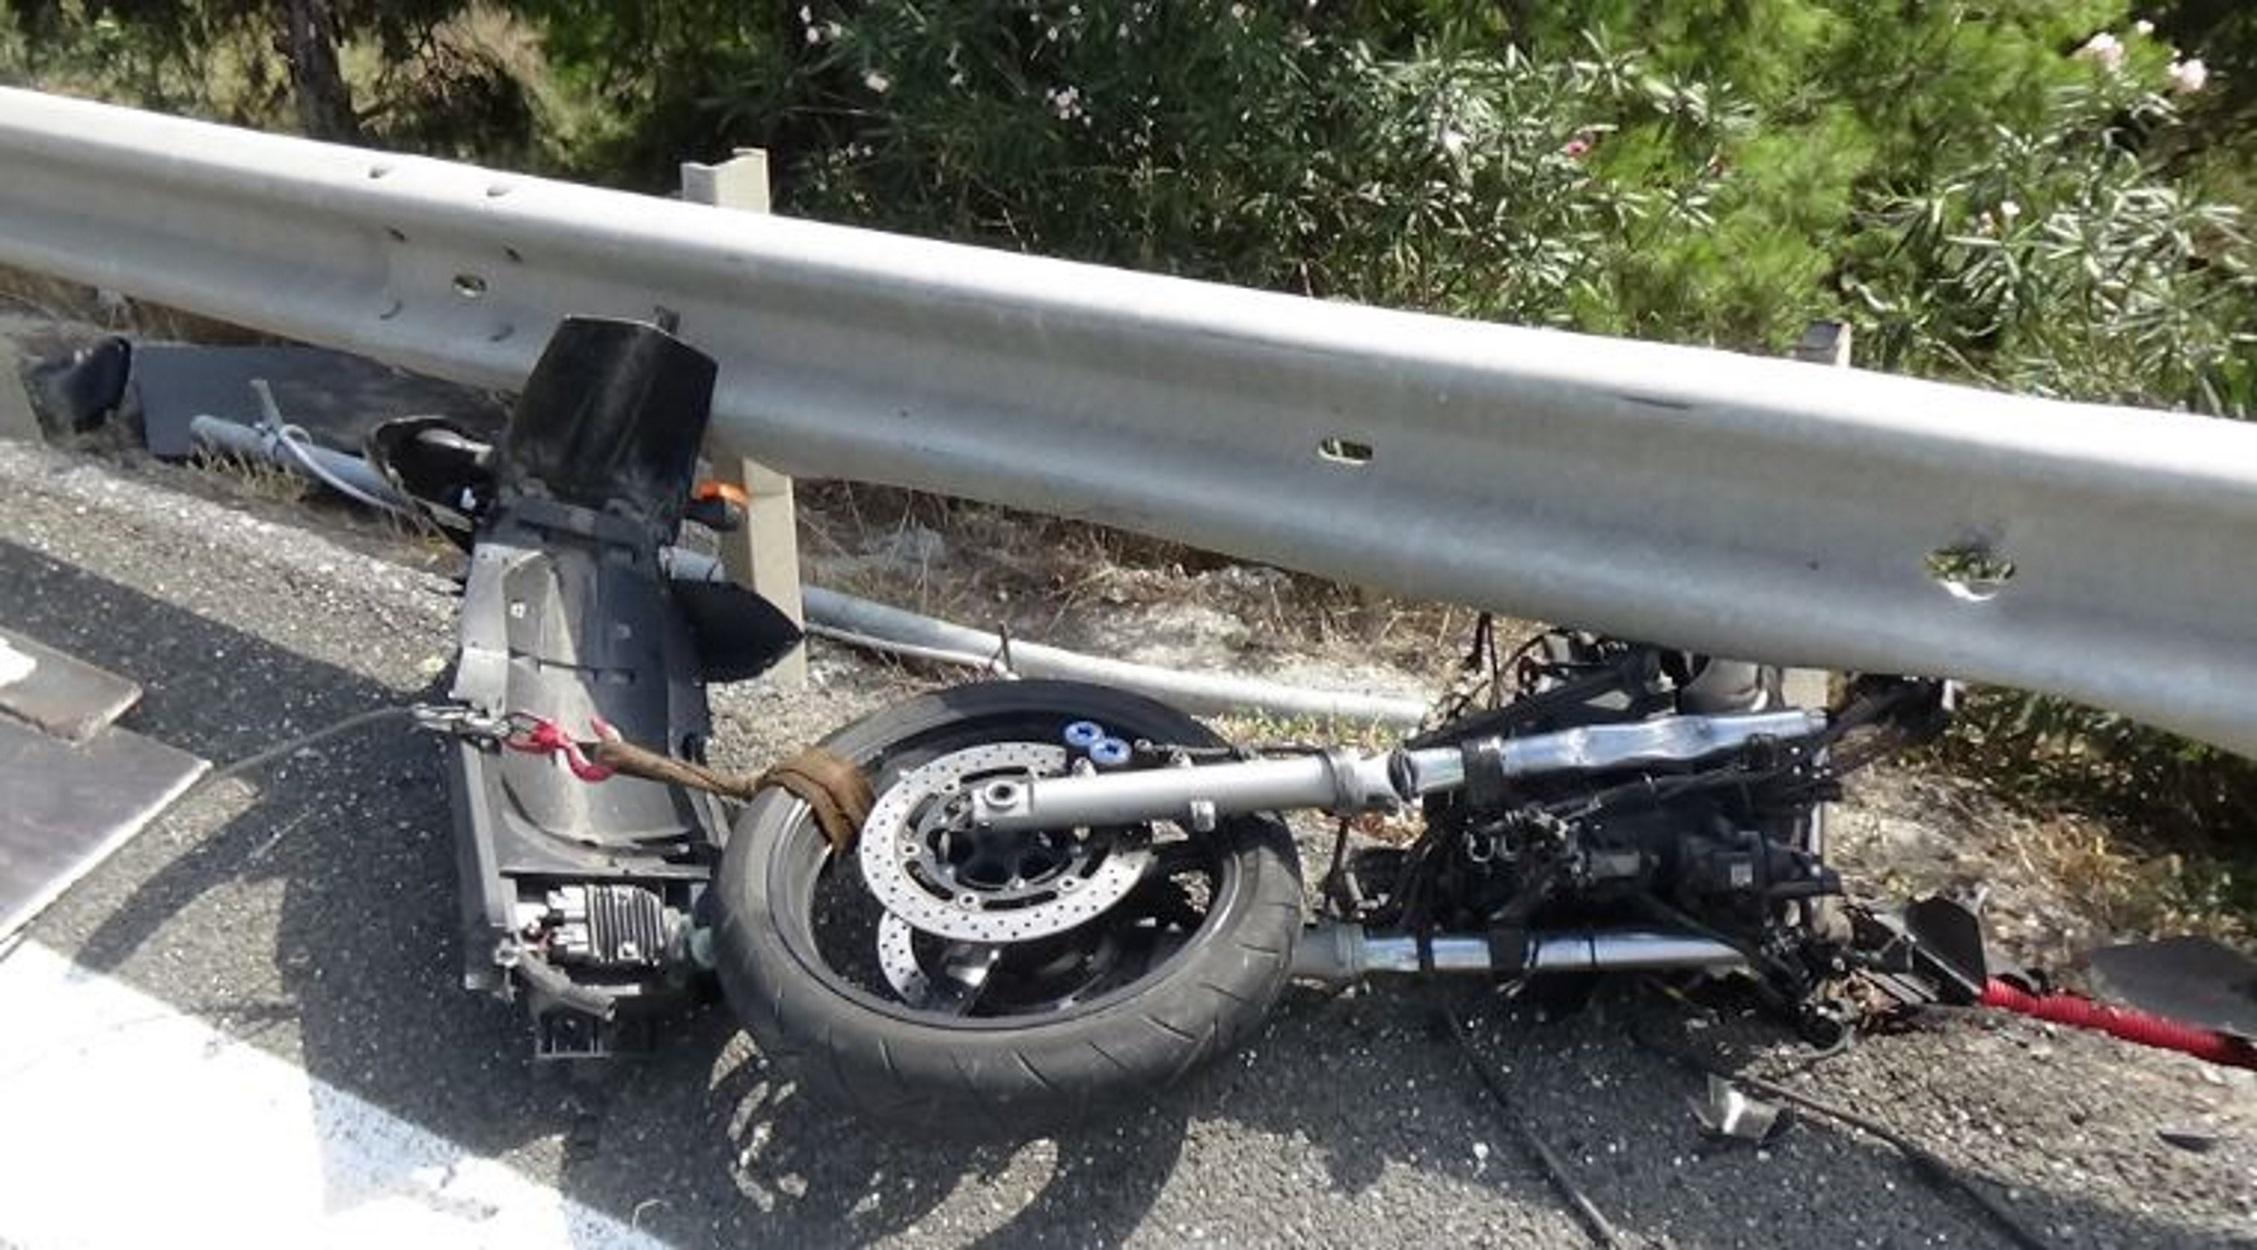 Εγνατία Οδός: Έπεσε με τέρμα γκάζι στις μπάρες και σκοτώθηκε (pics, video)